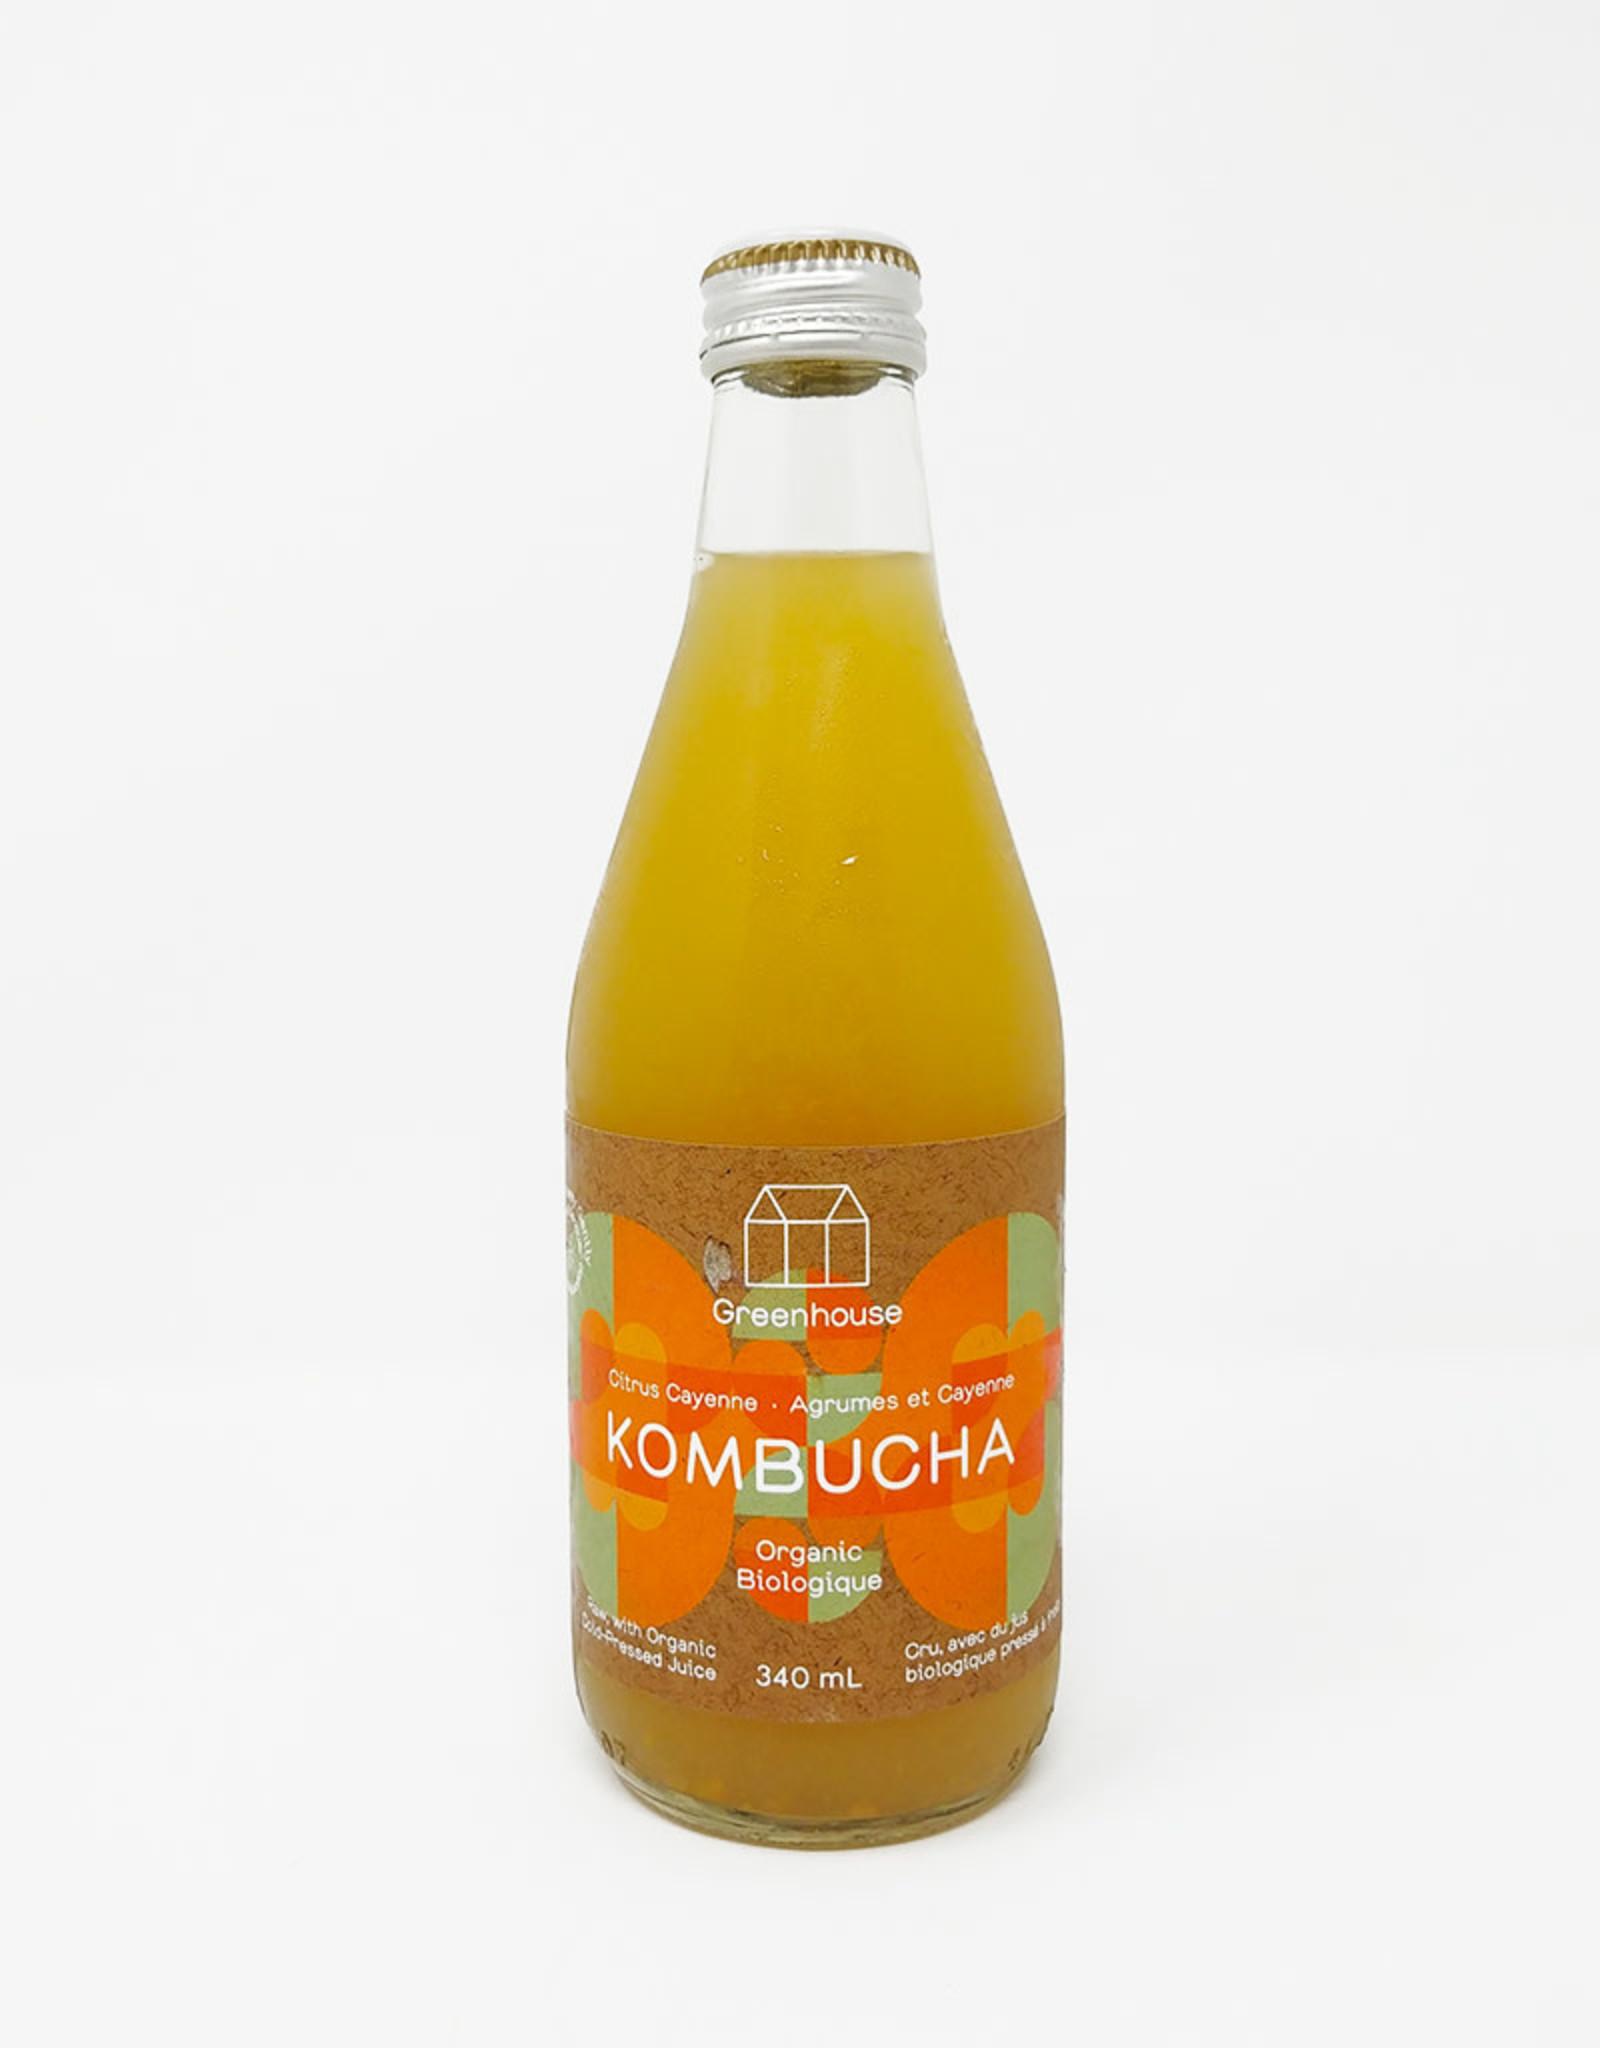 Greenhouse Greenhouse - Kombucha, Citrus Cayenne